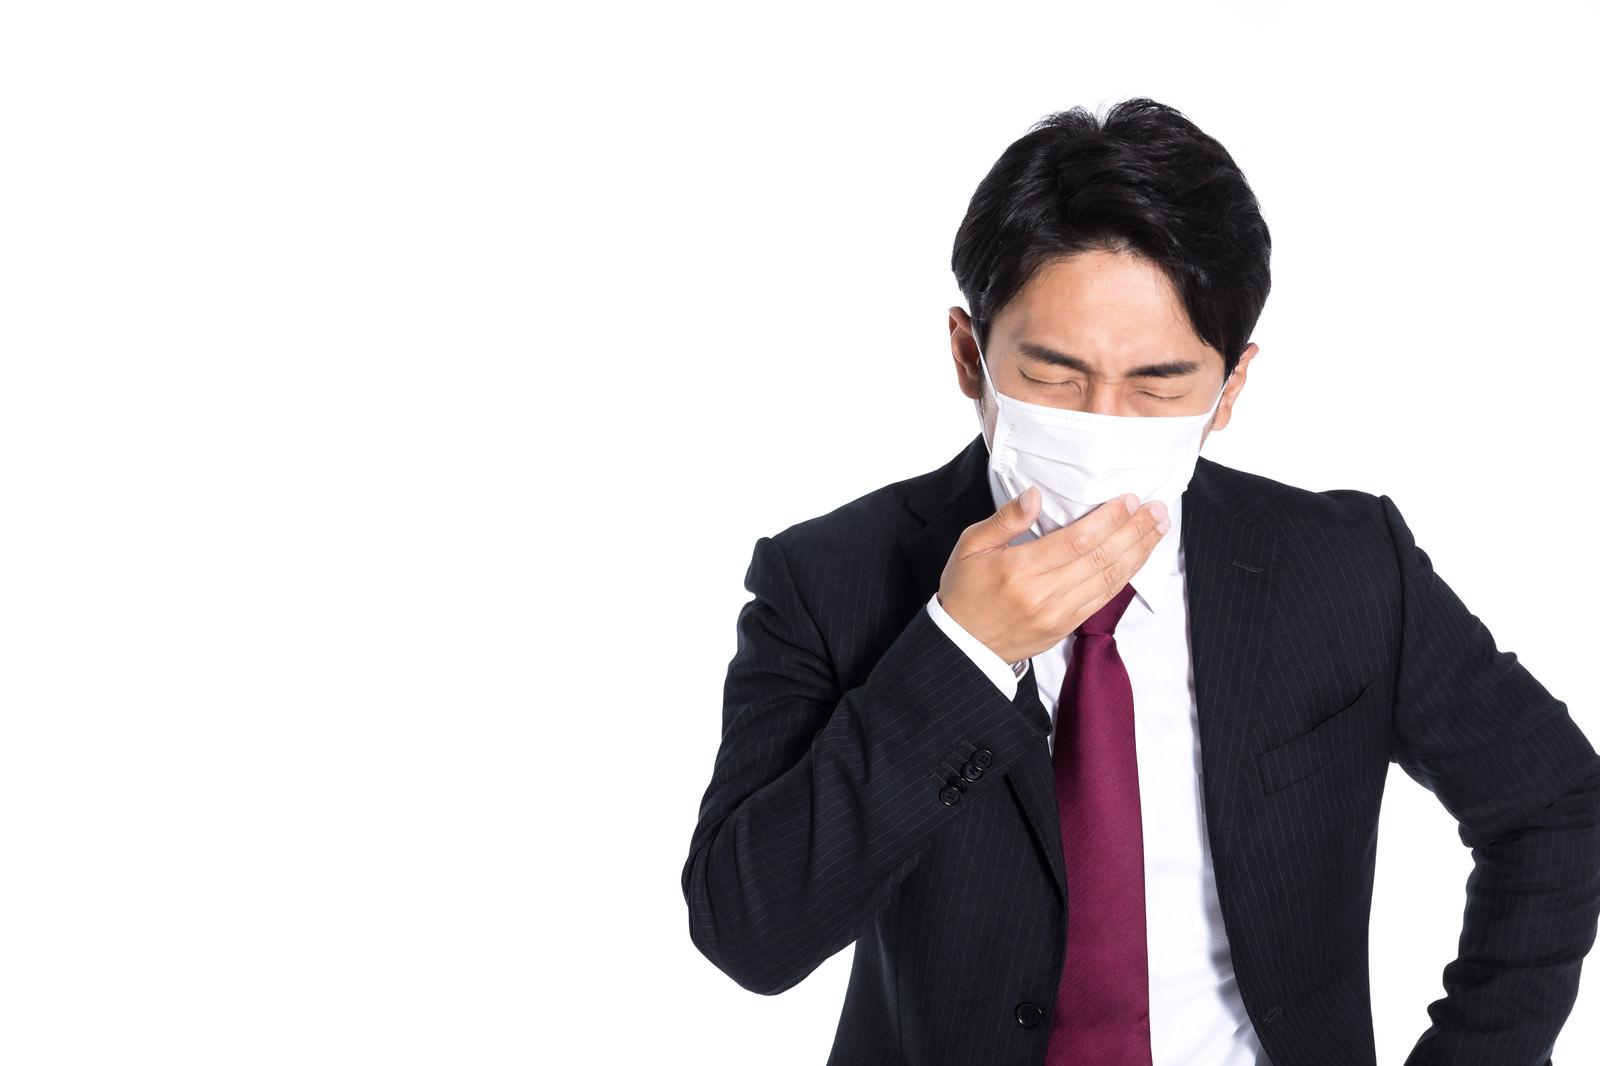 「マスク越しに咳き込む会社員」の写真[モデル:大川竜弥]